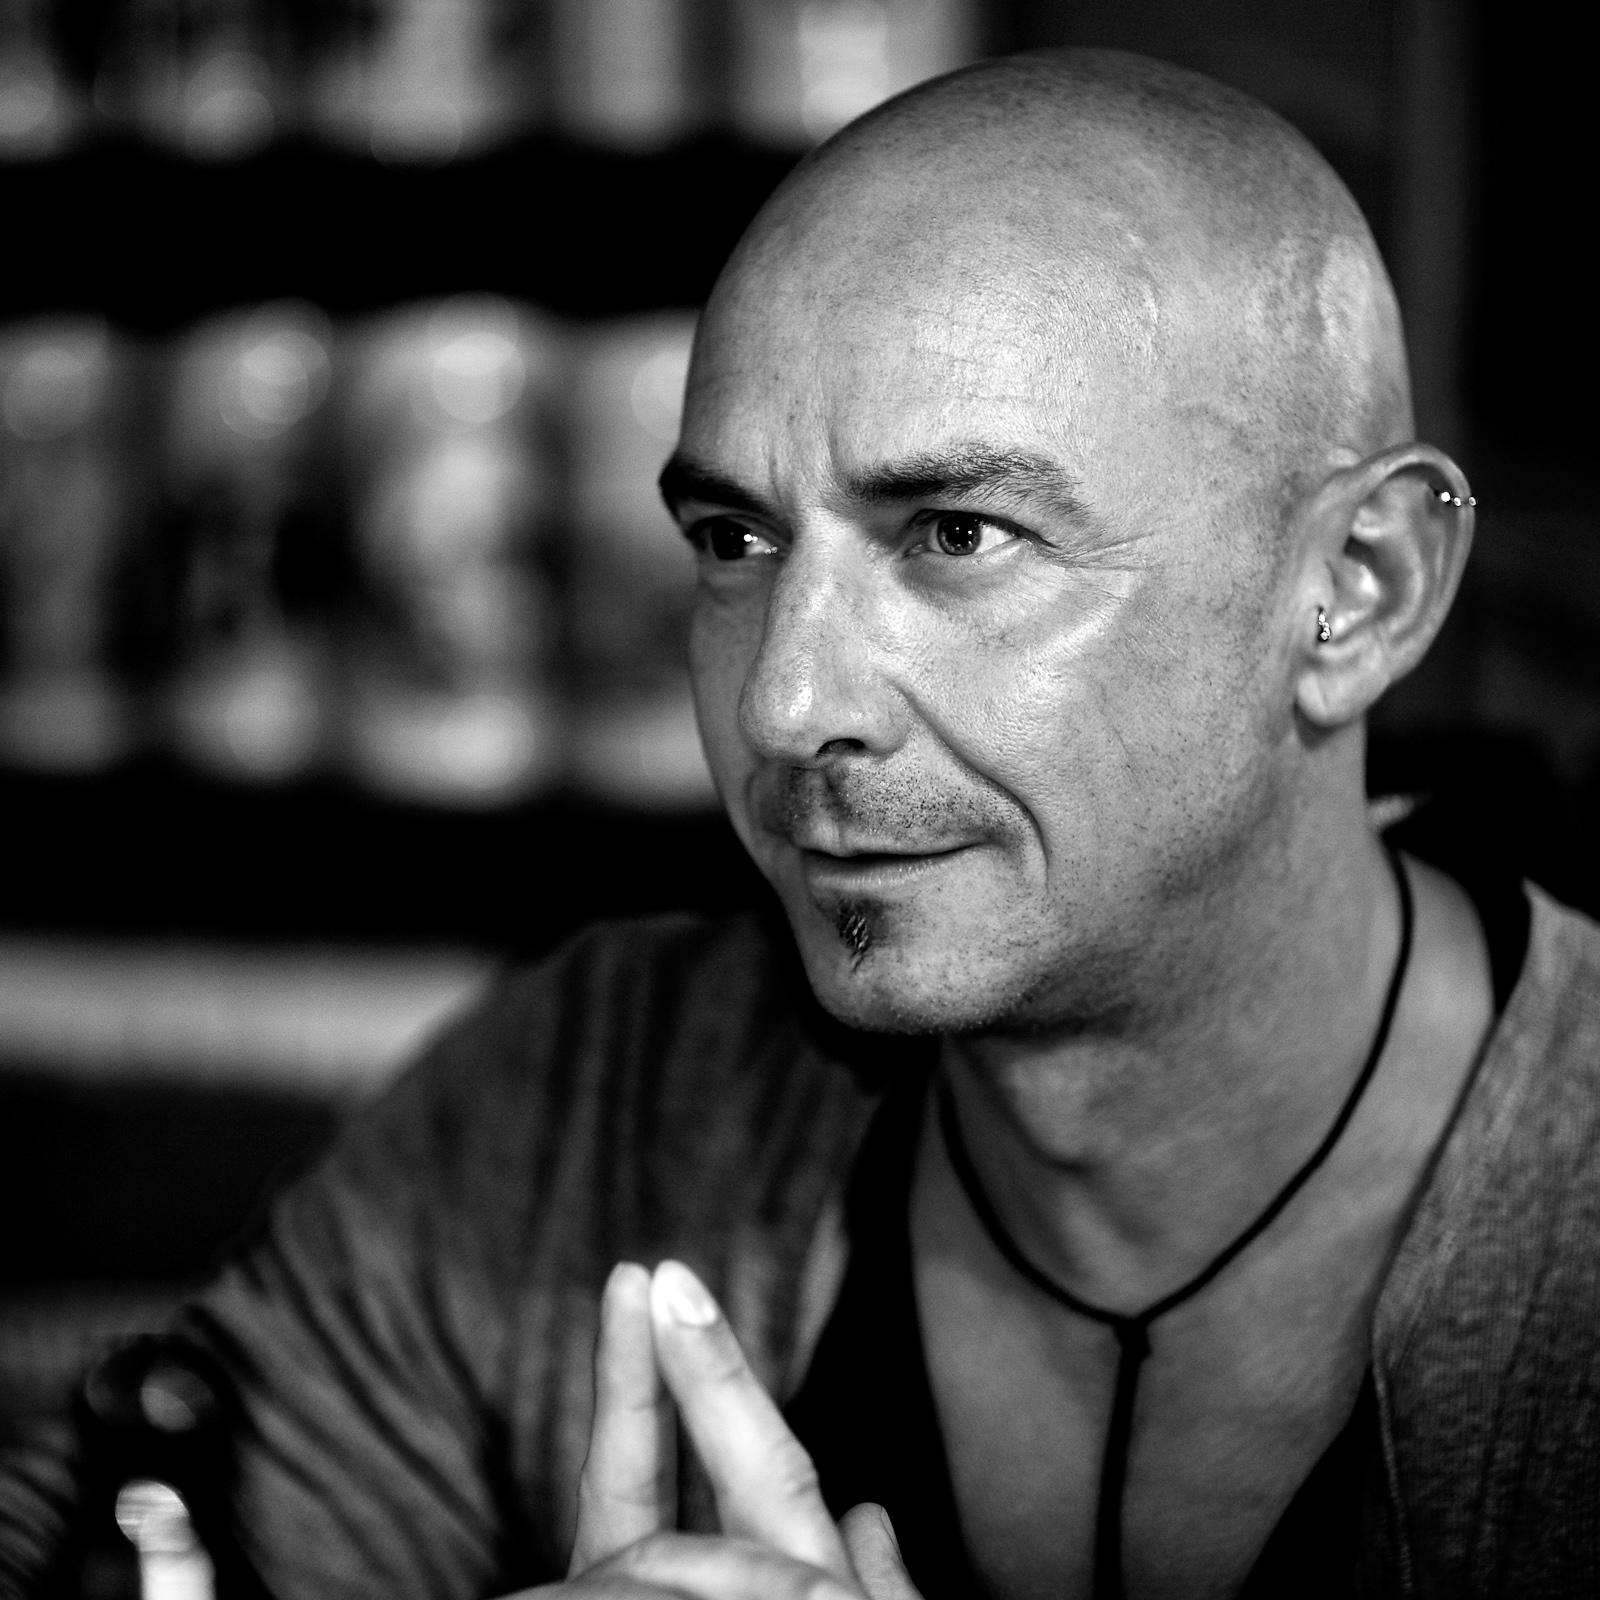 Stefan Pachinger